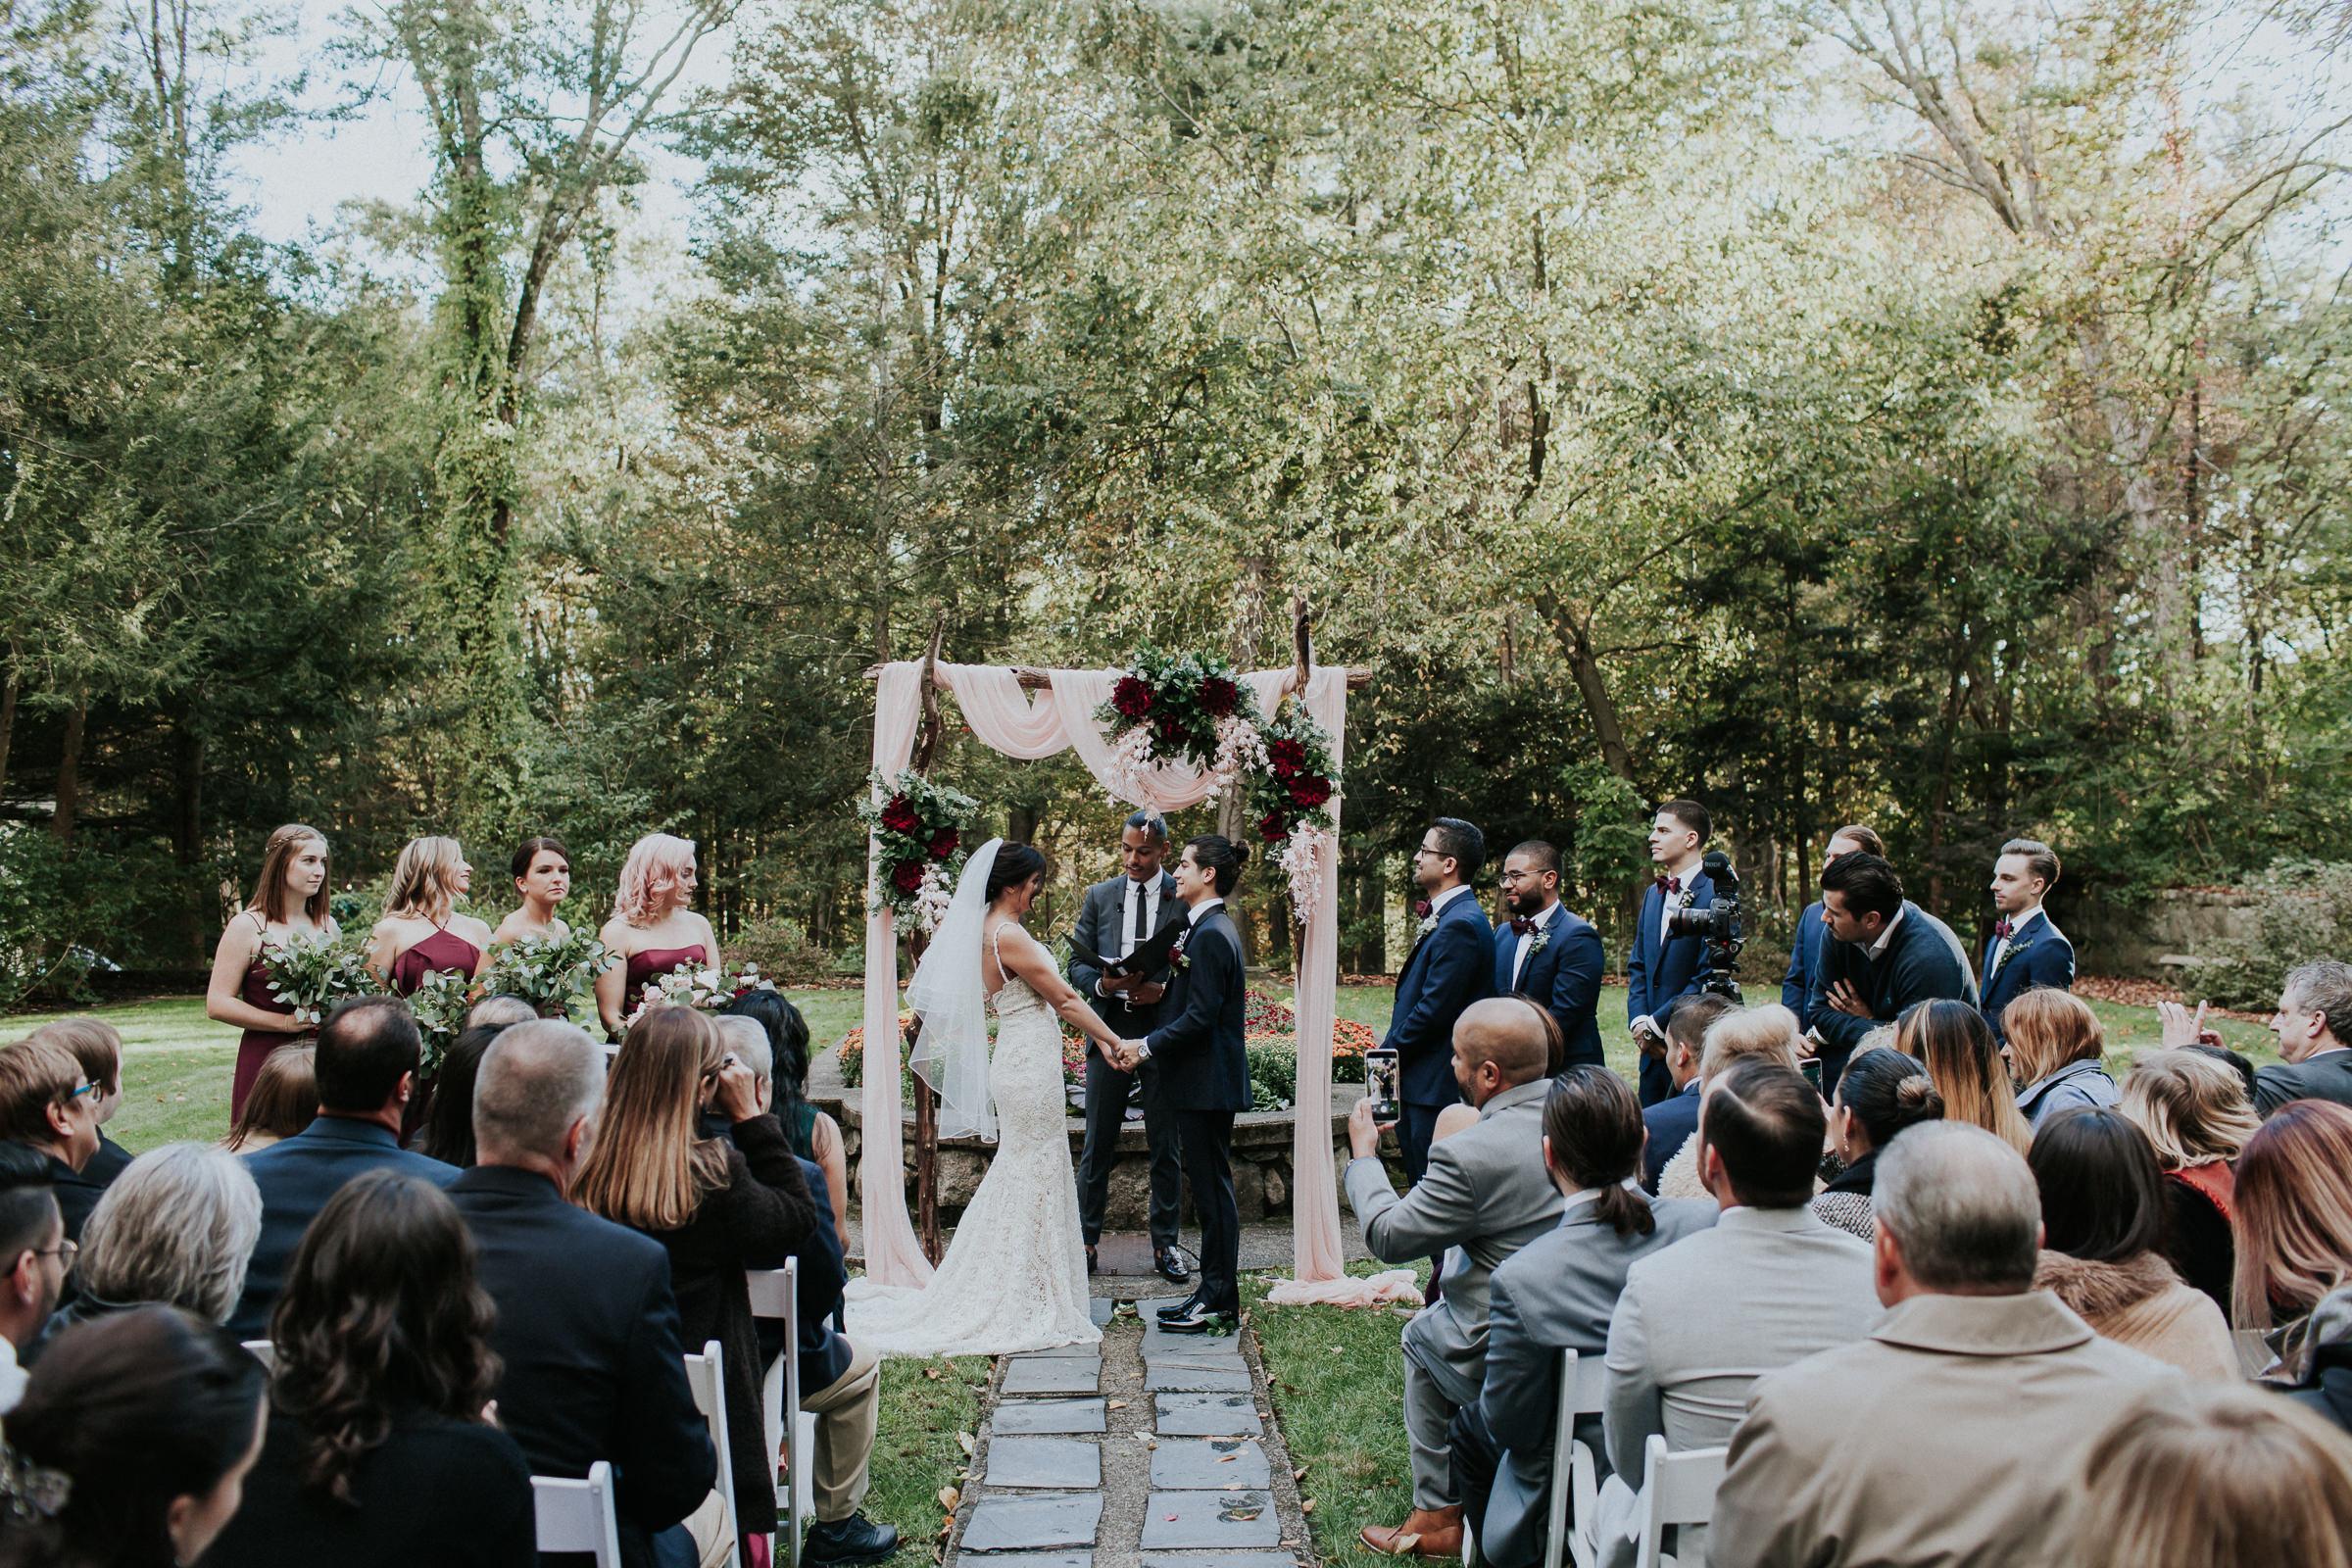 Arrow-Park-Monroe-NY-Documentary-Wedding-Photographer-51.jpg